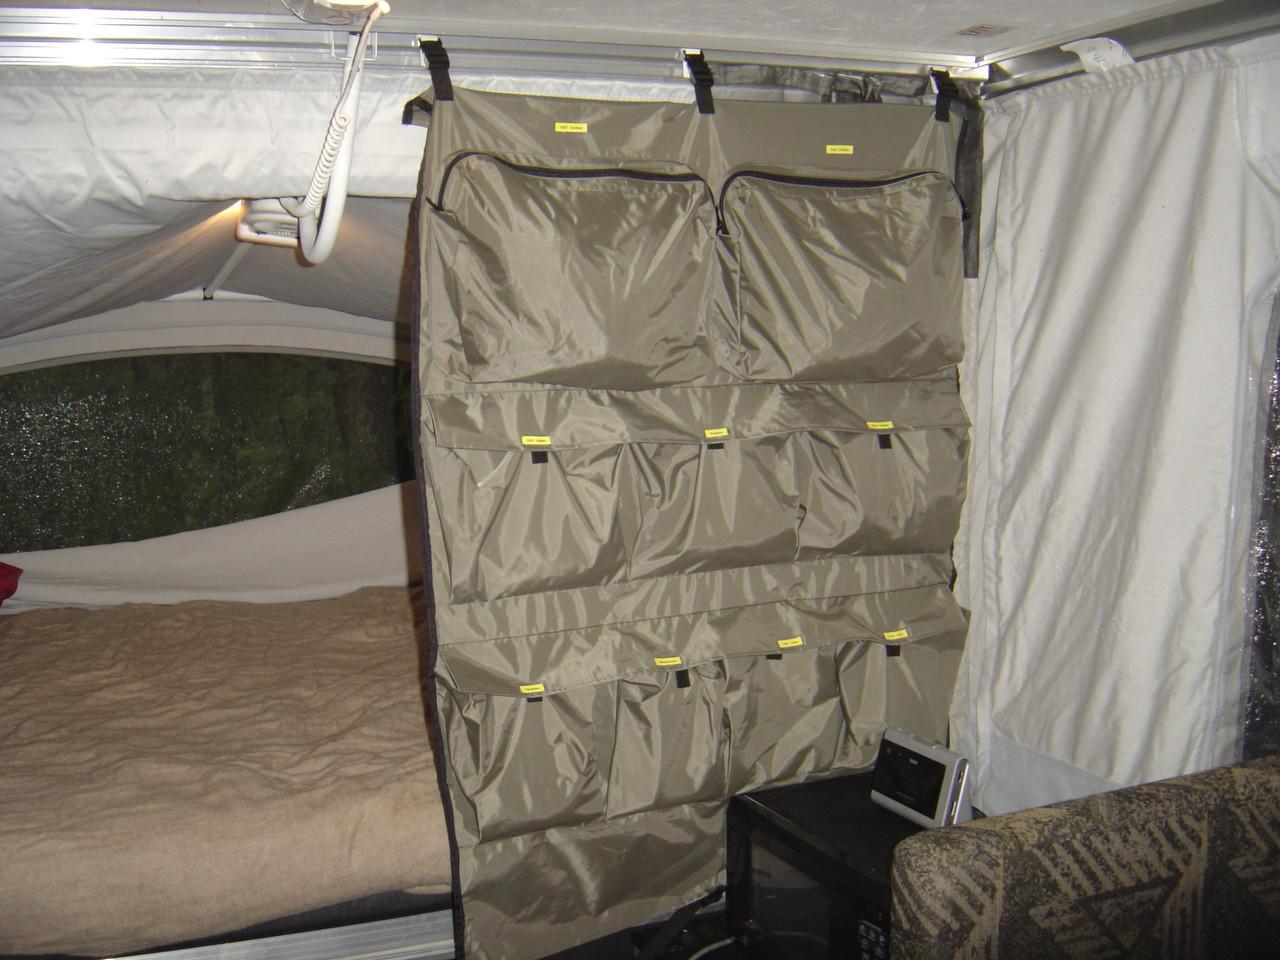 Camper Caddy hung in PUP